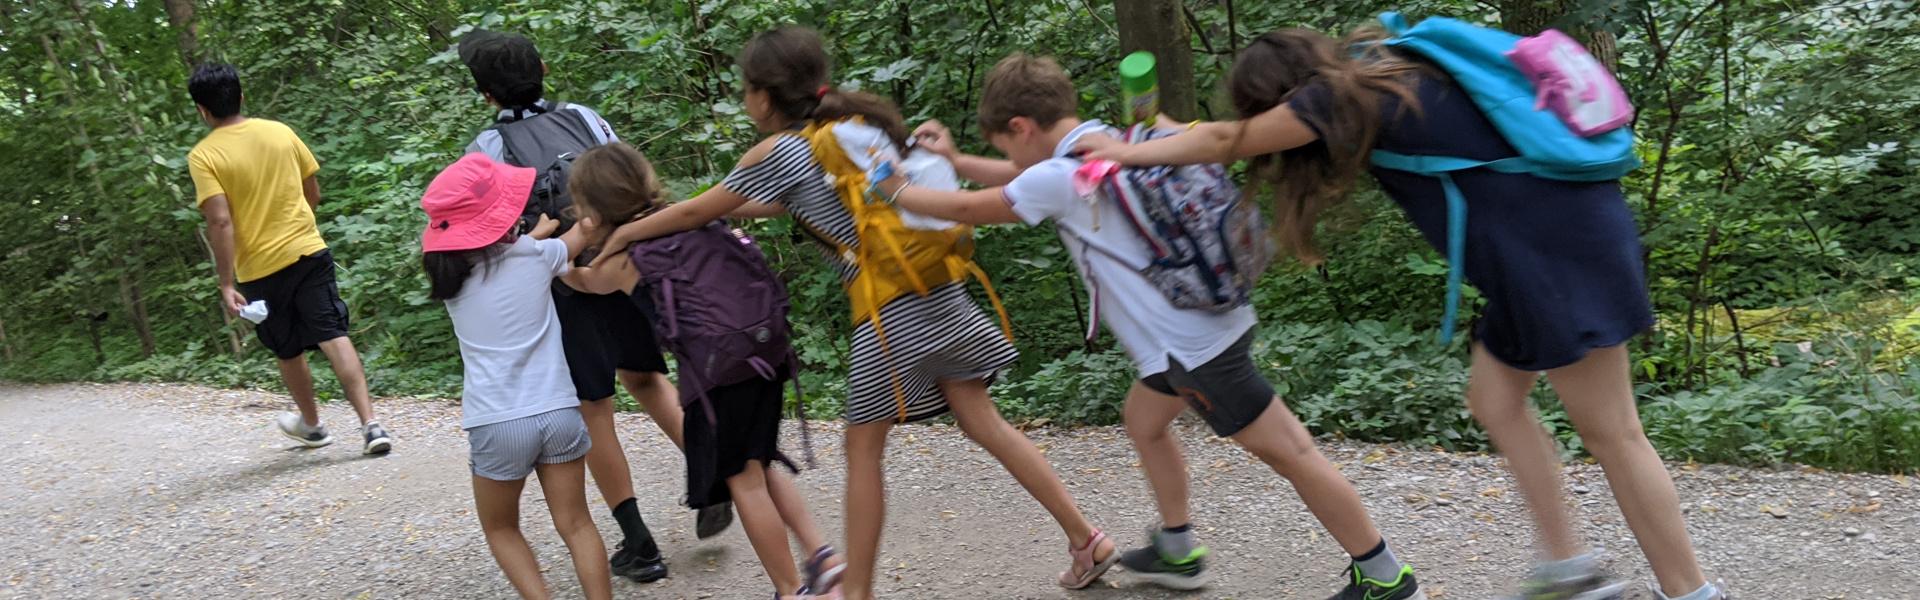 Deutschkurse im Sommer für Kinder 7-9: Ausflug an die Isar